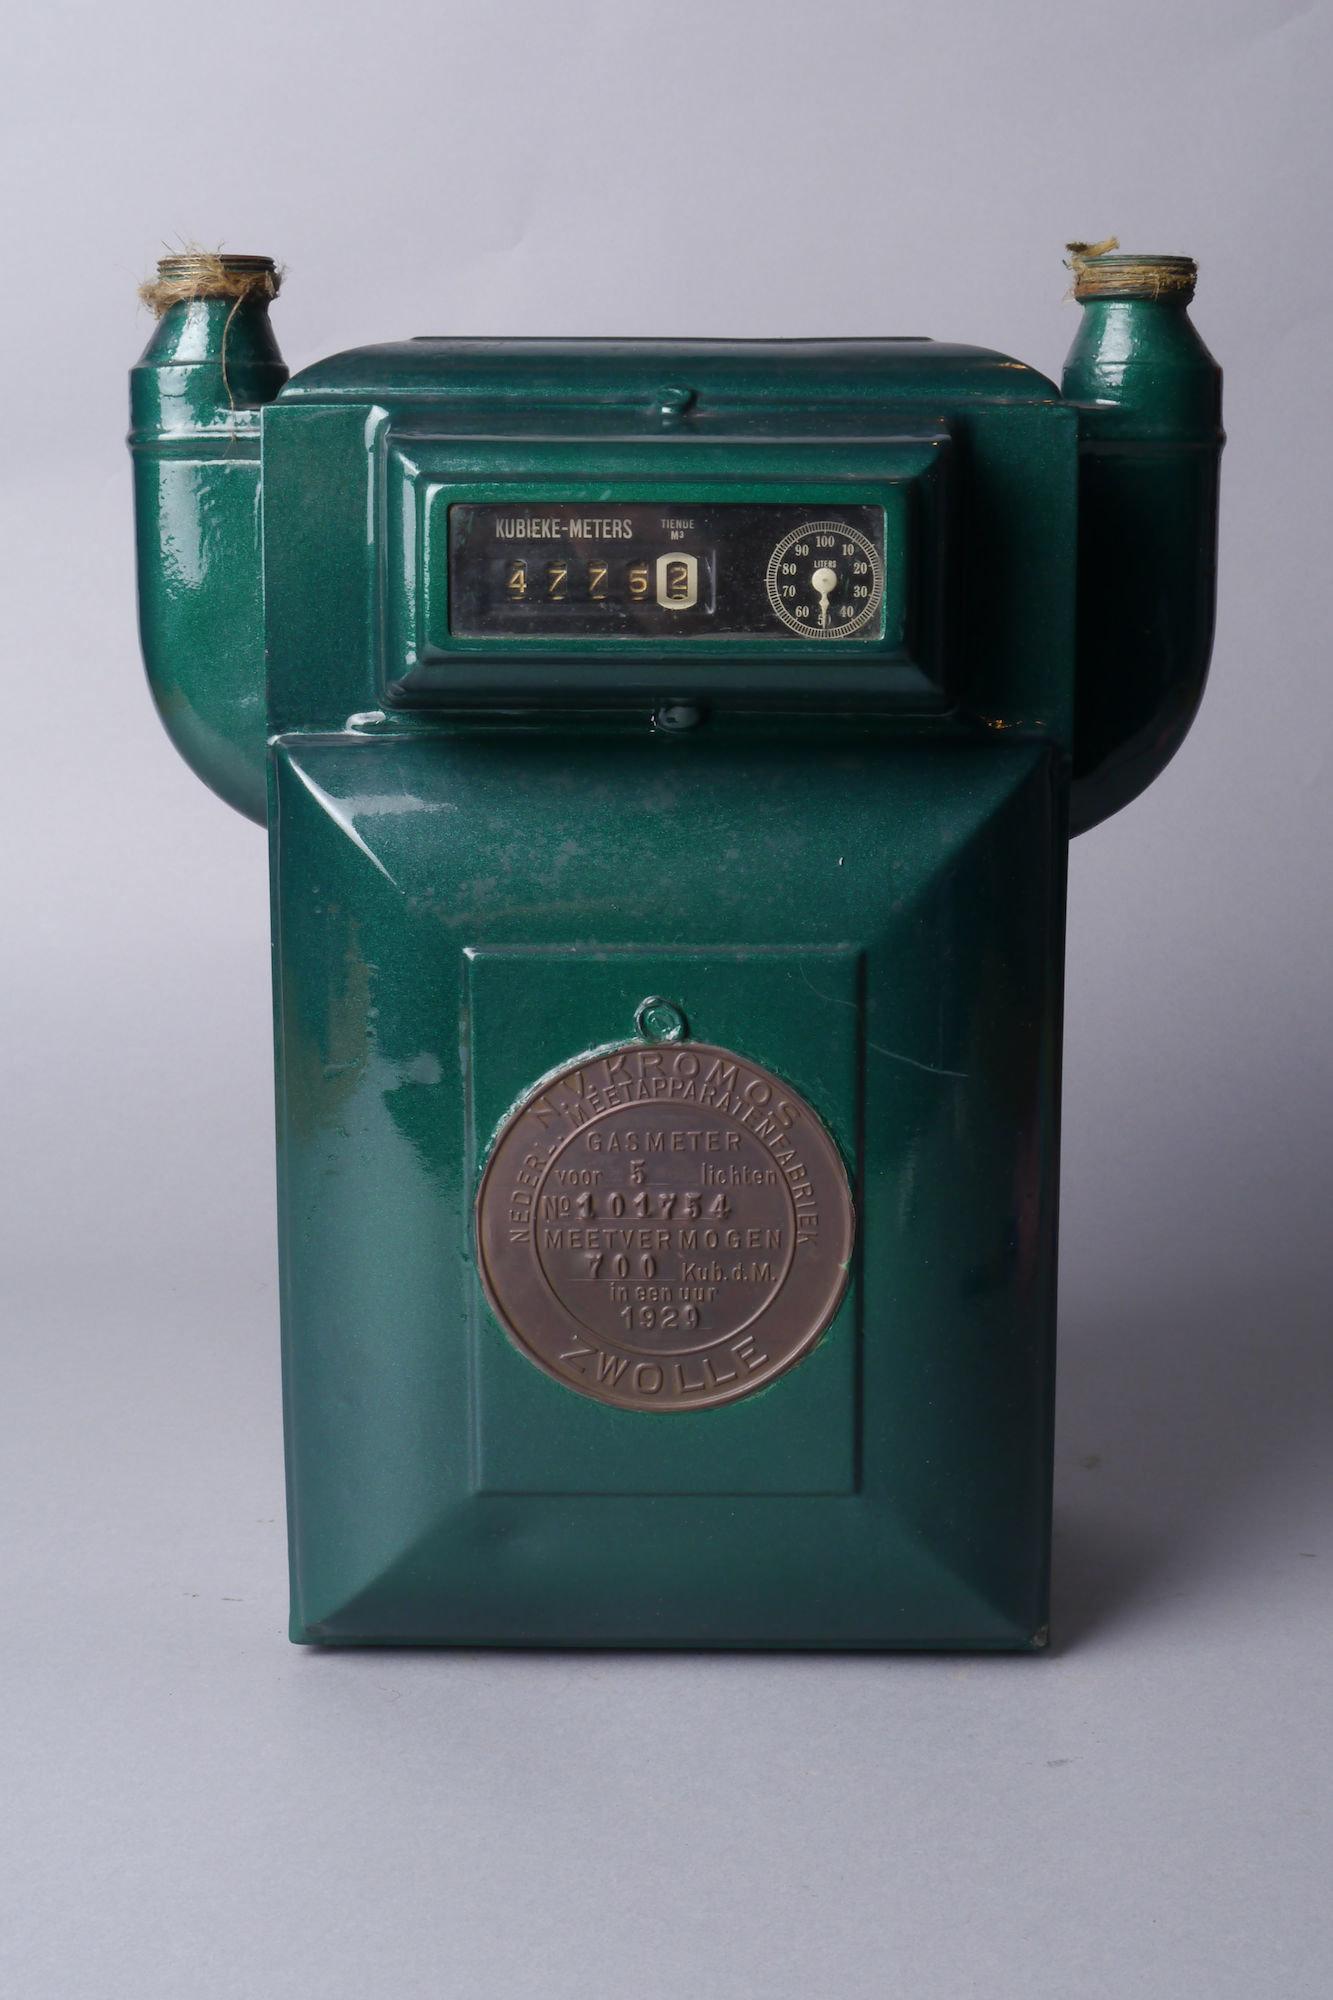 Verbruiksmeter voor gas van het merk Kromos